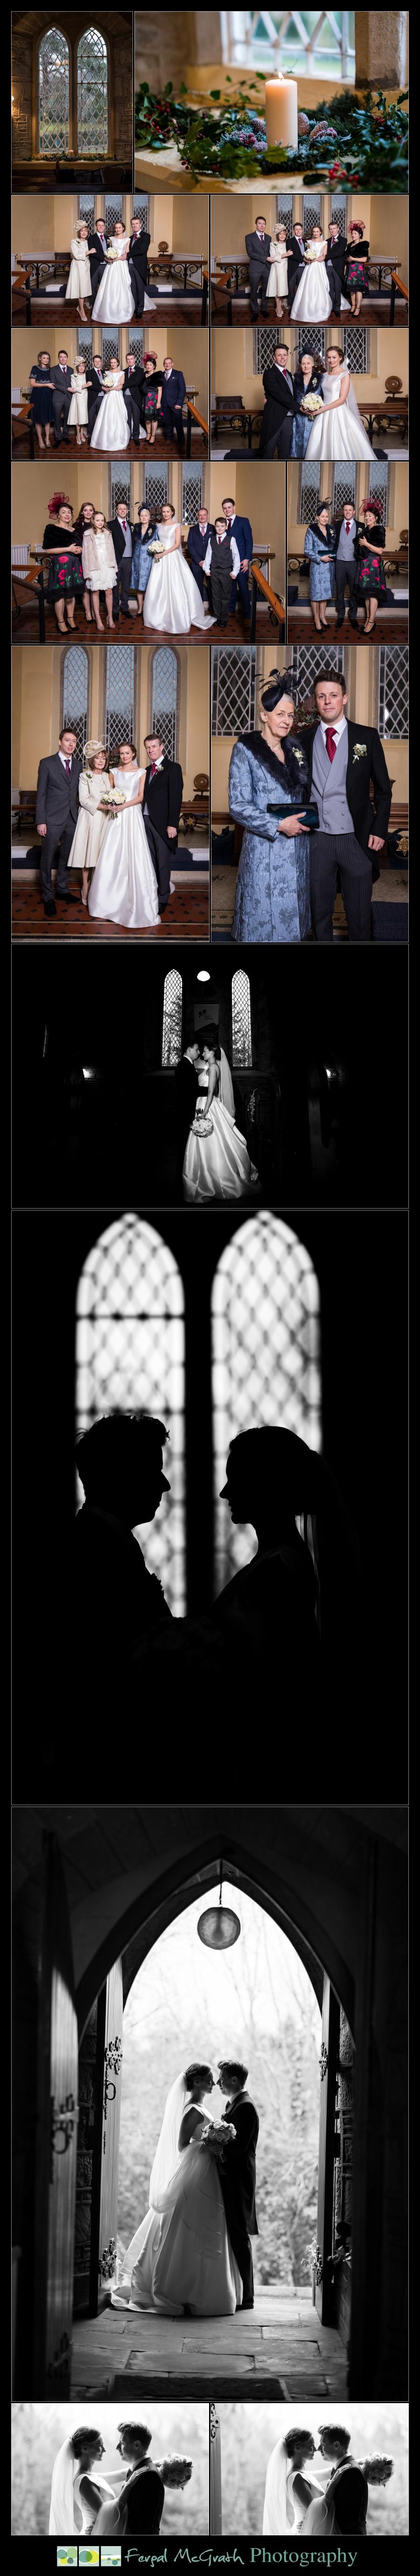 Harveys Point Hotel Winter Weddings bride and groom family photos inside the church